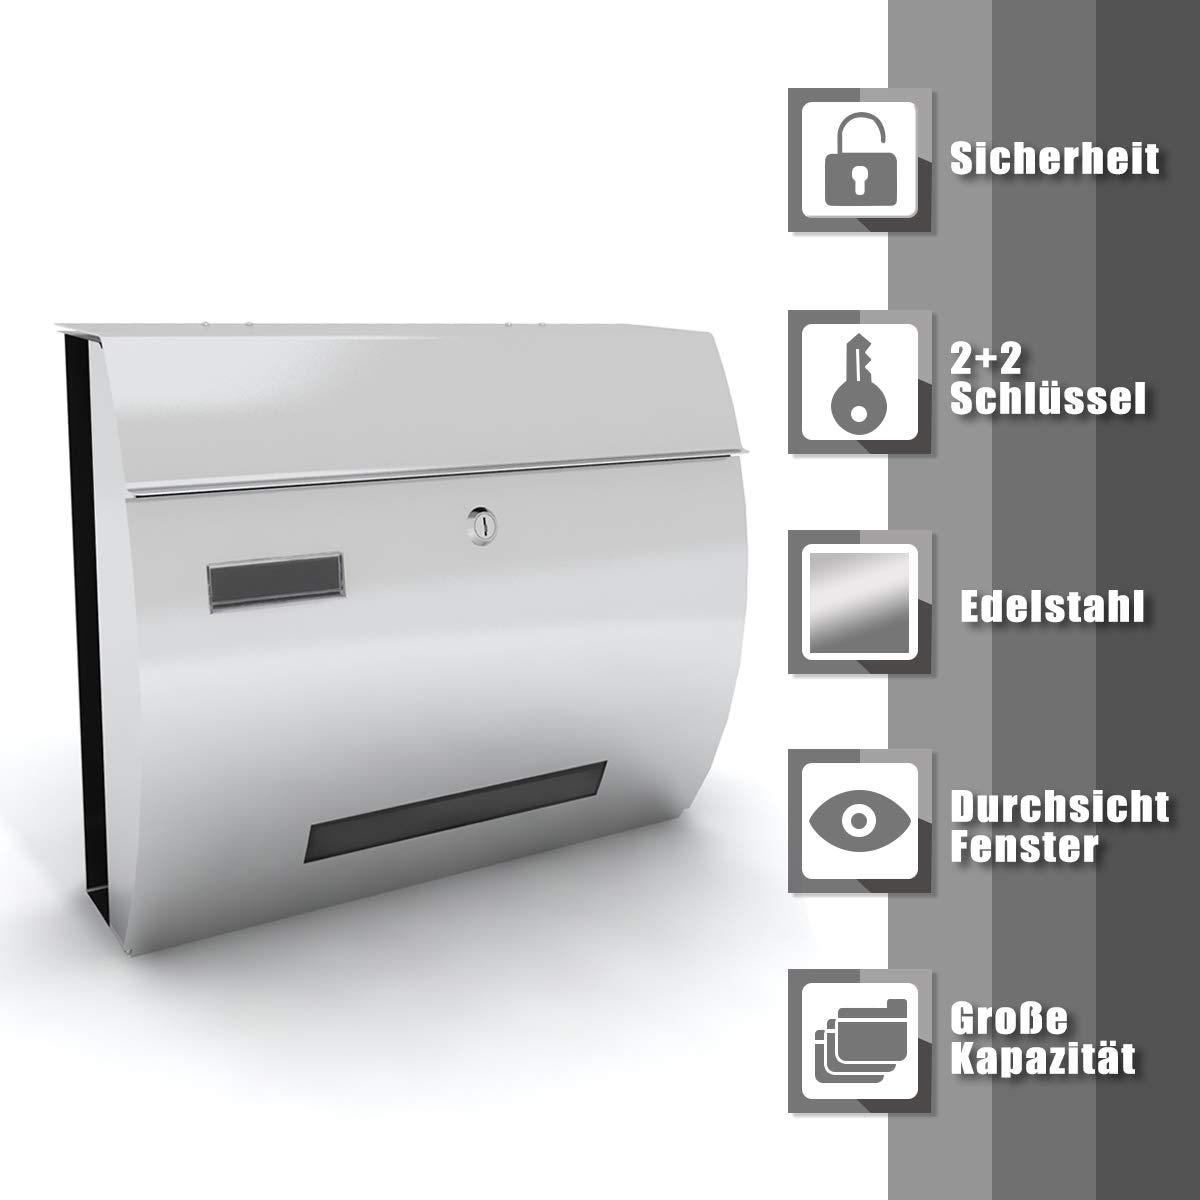 Deswell Buzón Exterior Acero Inoxidable Cubo de Periódico 370 * 300mm Diseño Impermeable Blanco Pateado: Amazon.es: Hogar